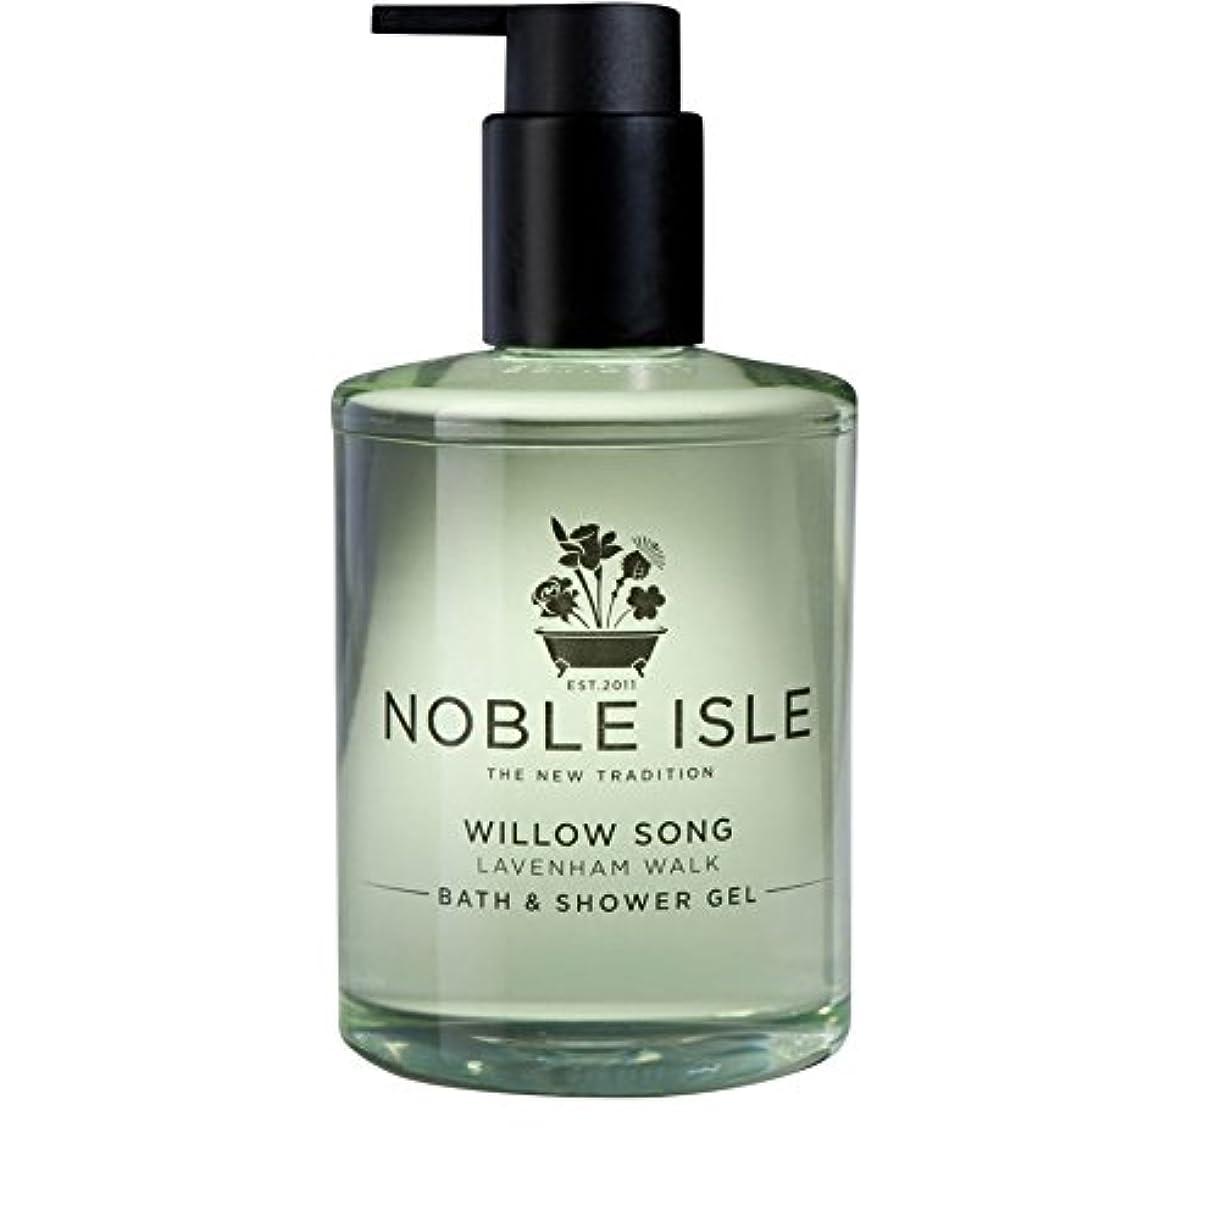 弱い新年聡明高貴な島柳の歌ラヴァンハム徒歩風呂とシャワージェル250ミリリットル x2 - Noble Isle Willow Song Lavenham Walk Bath and Shower Gel 250ml (Pack of 2) [並行輸入品]